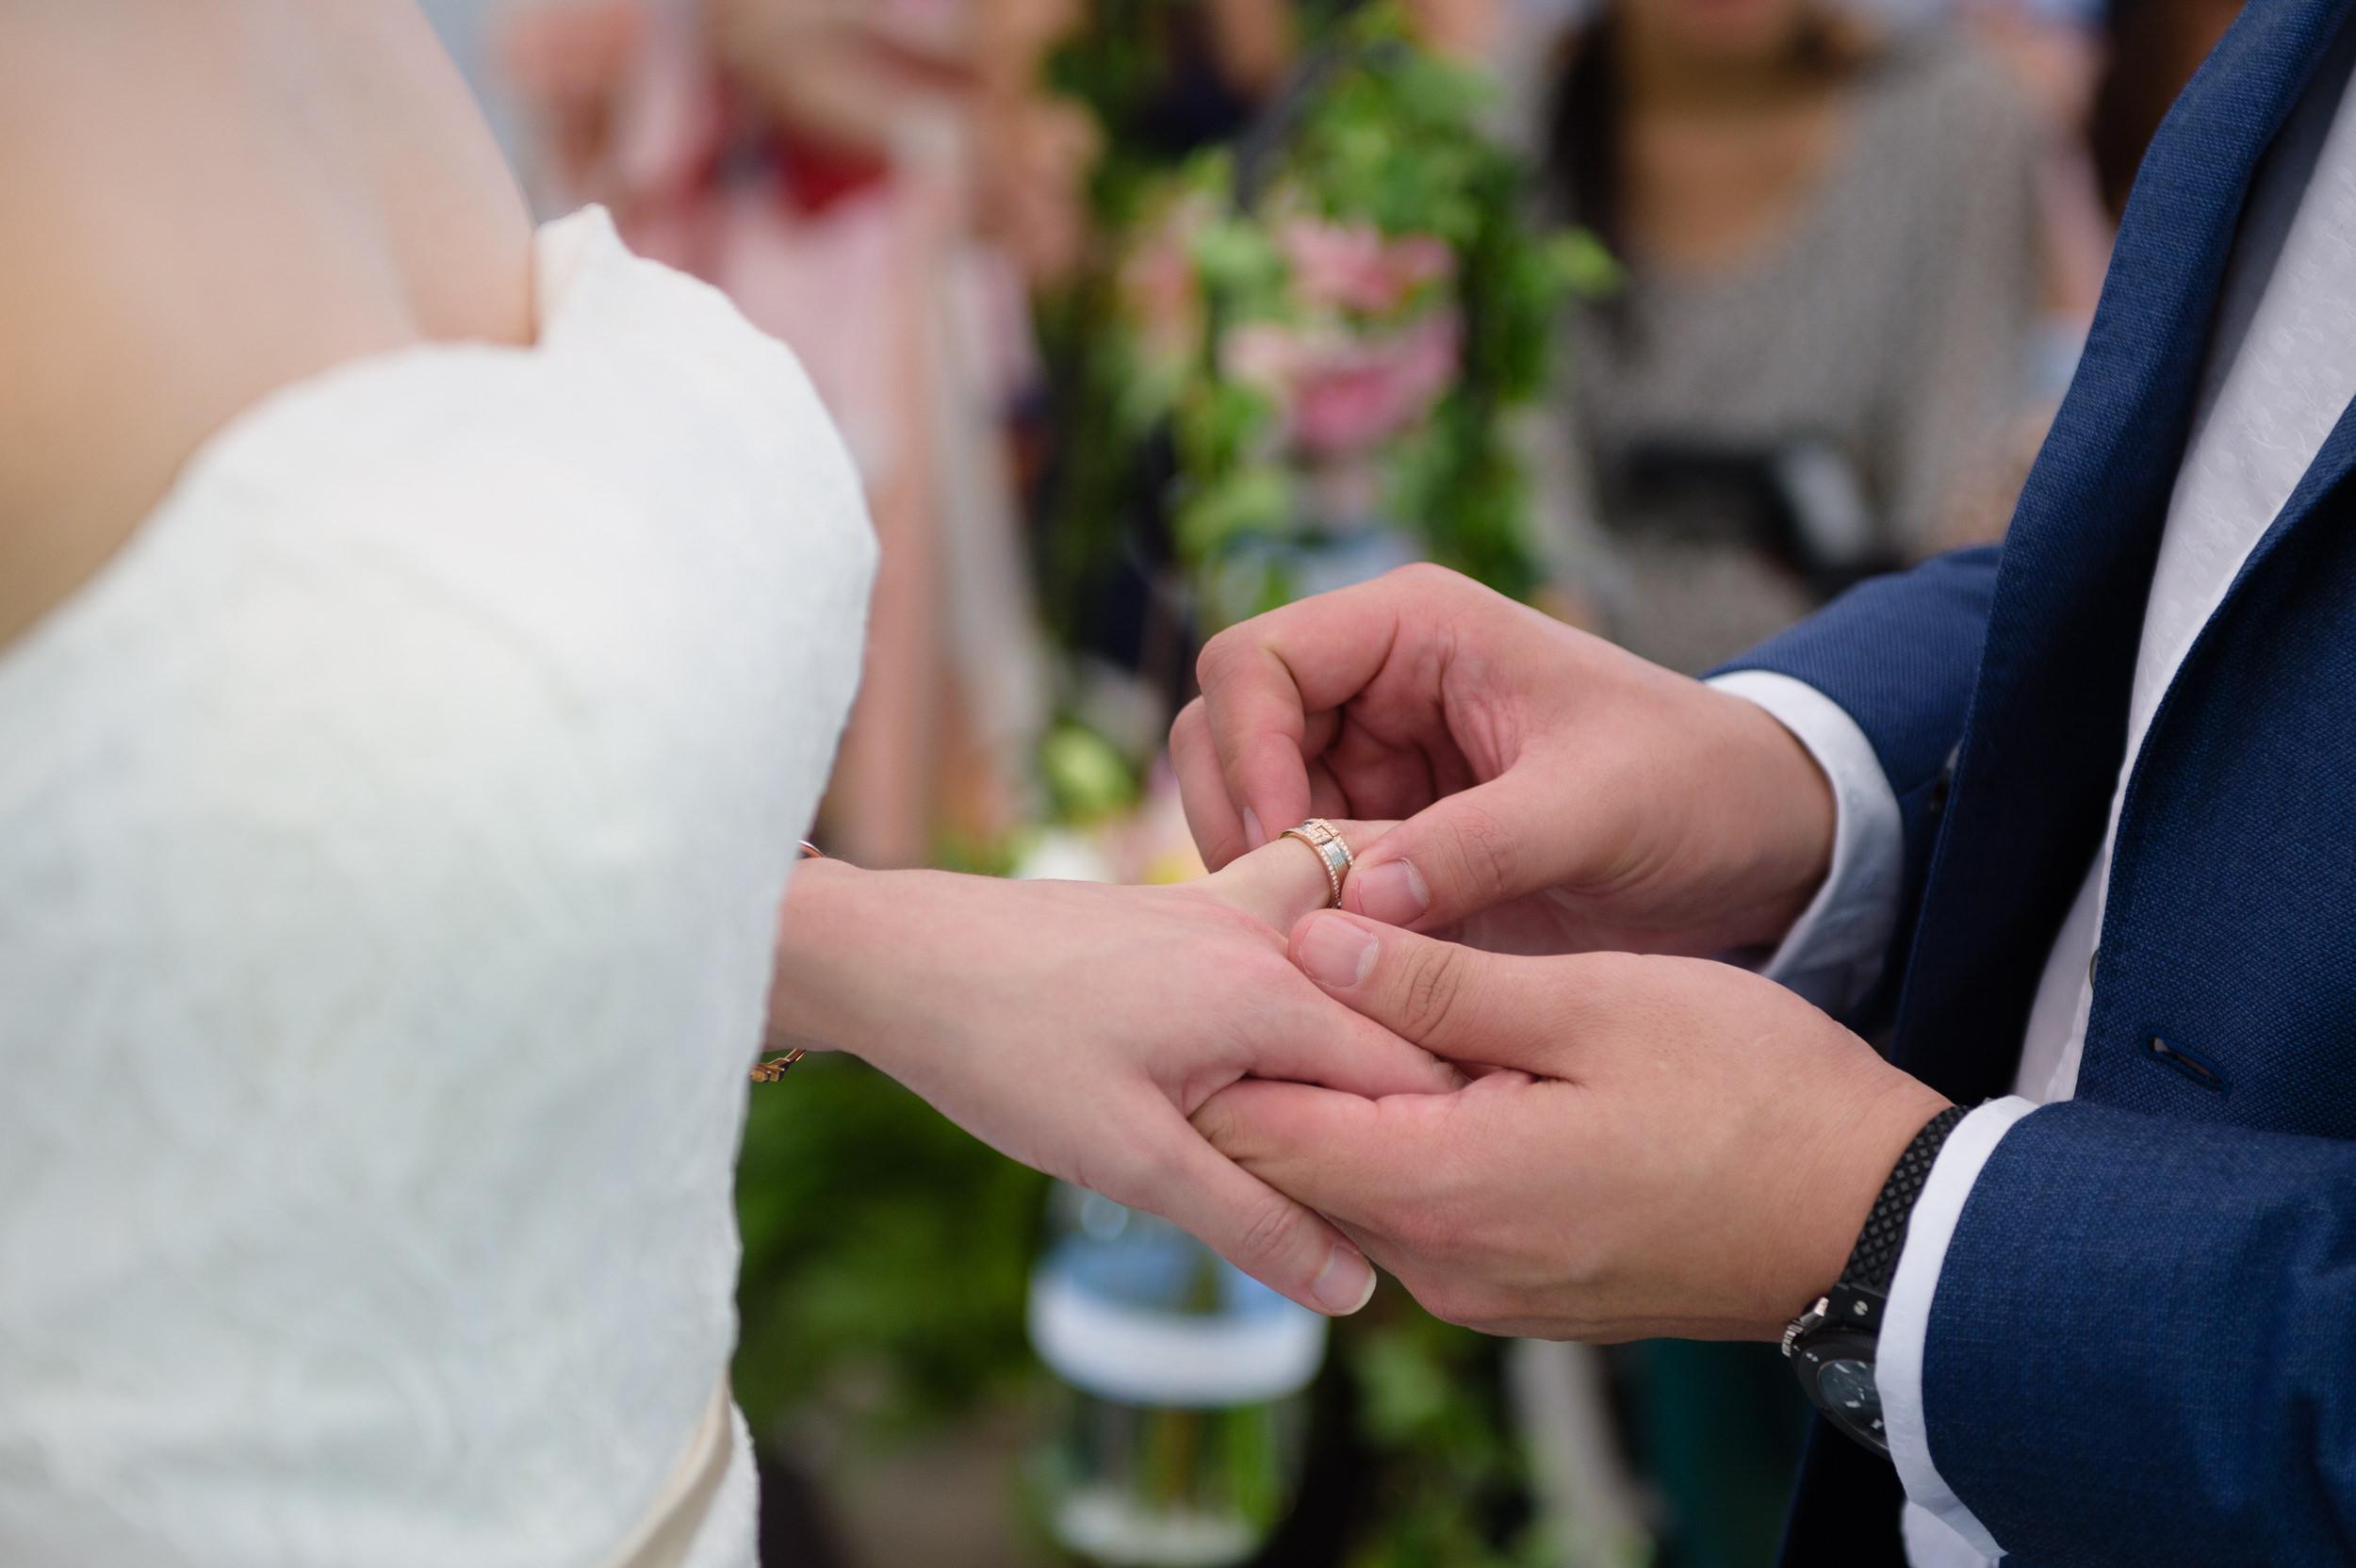 ROM wedding ring exchange